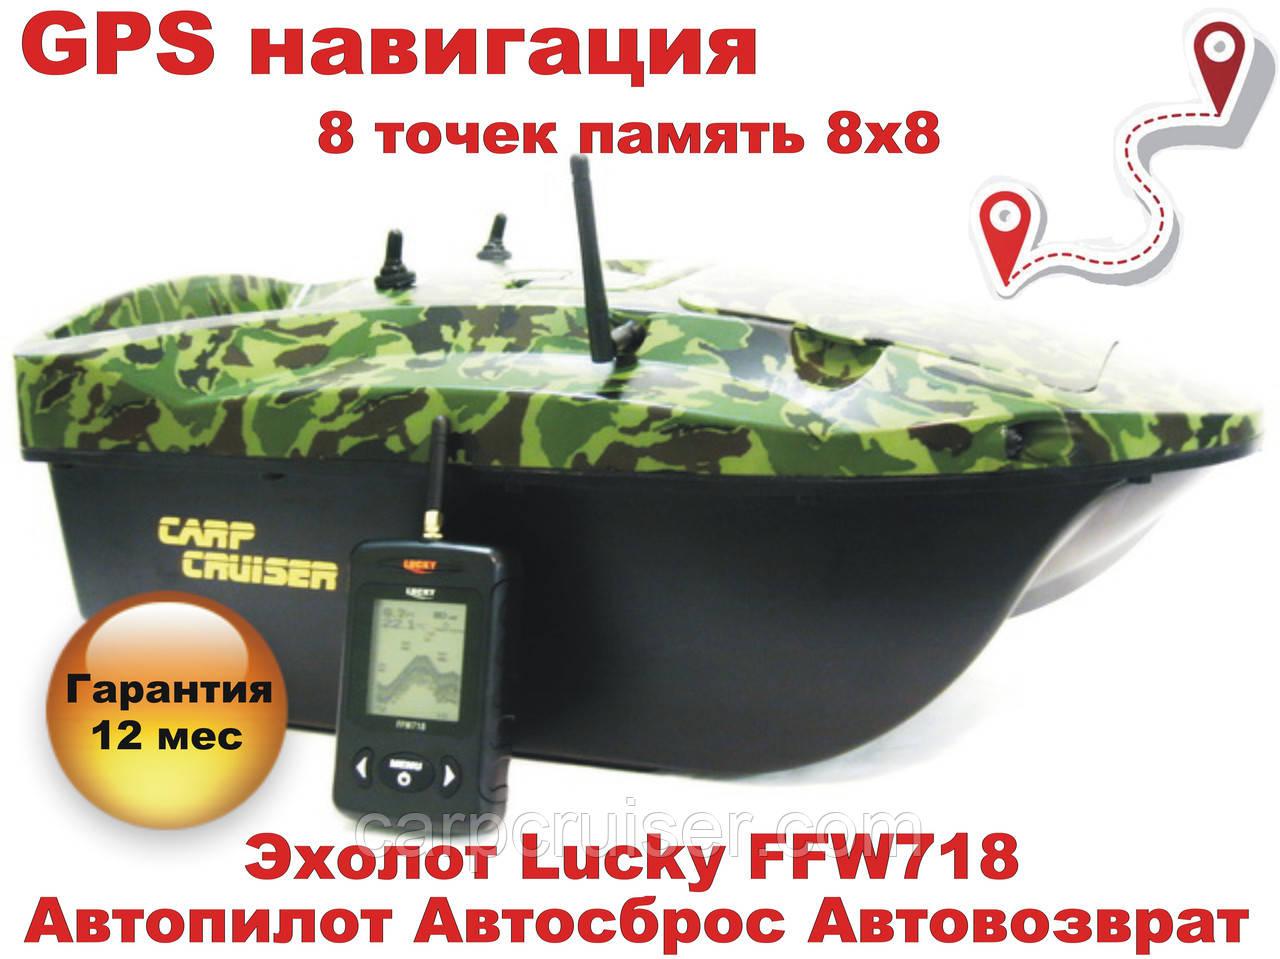 CarpCruiser Boat СF7-GPS Автопилот эхолот Lucky FFW718 GPS навигация 8 точек память 8х8 кораблик для прикормки